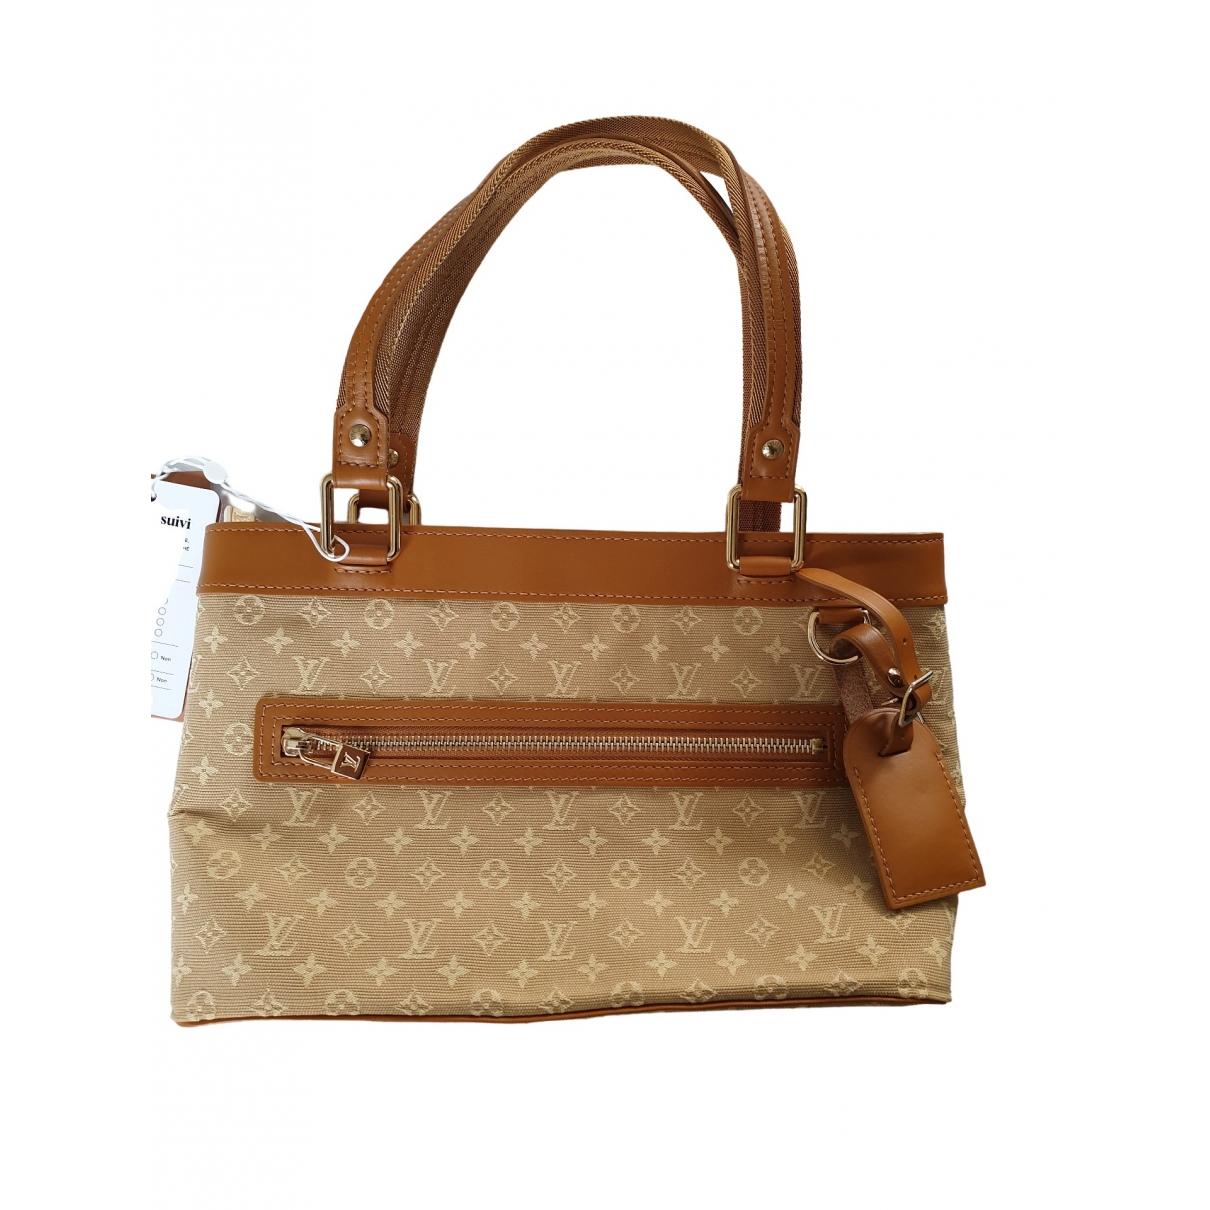 Bandolera Lucile  de Lona Louis Vuitton